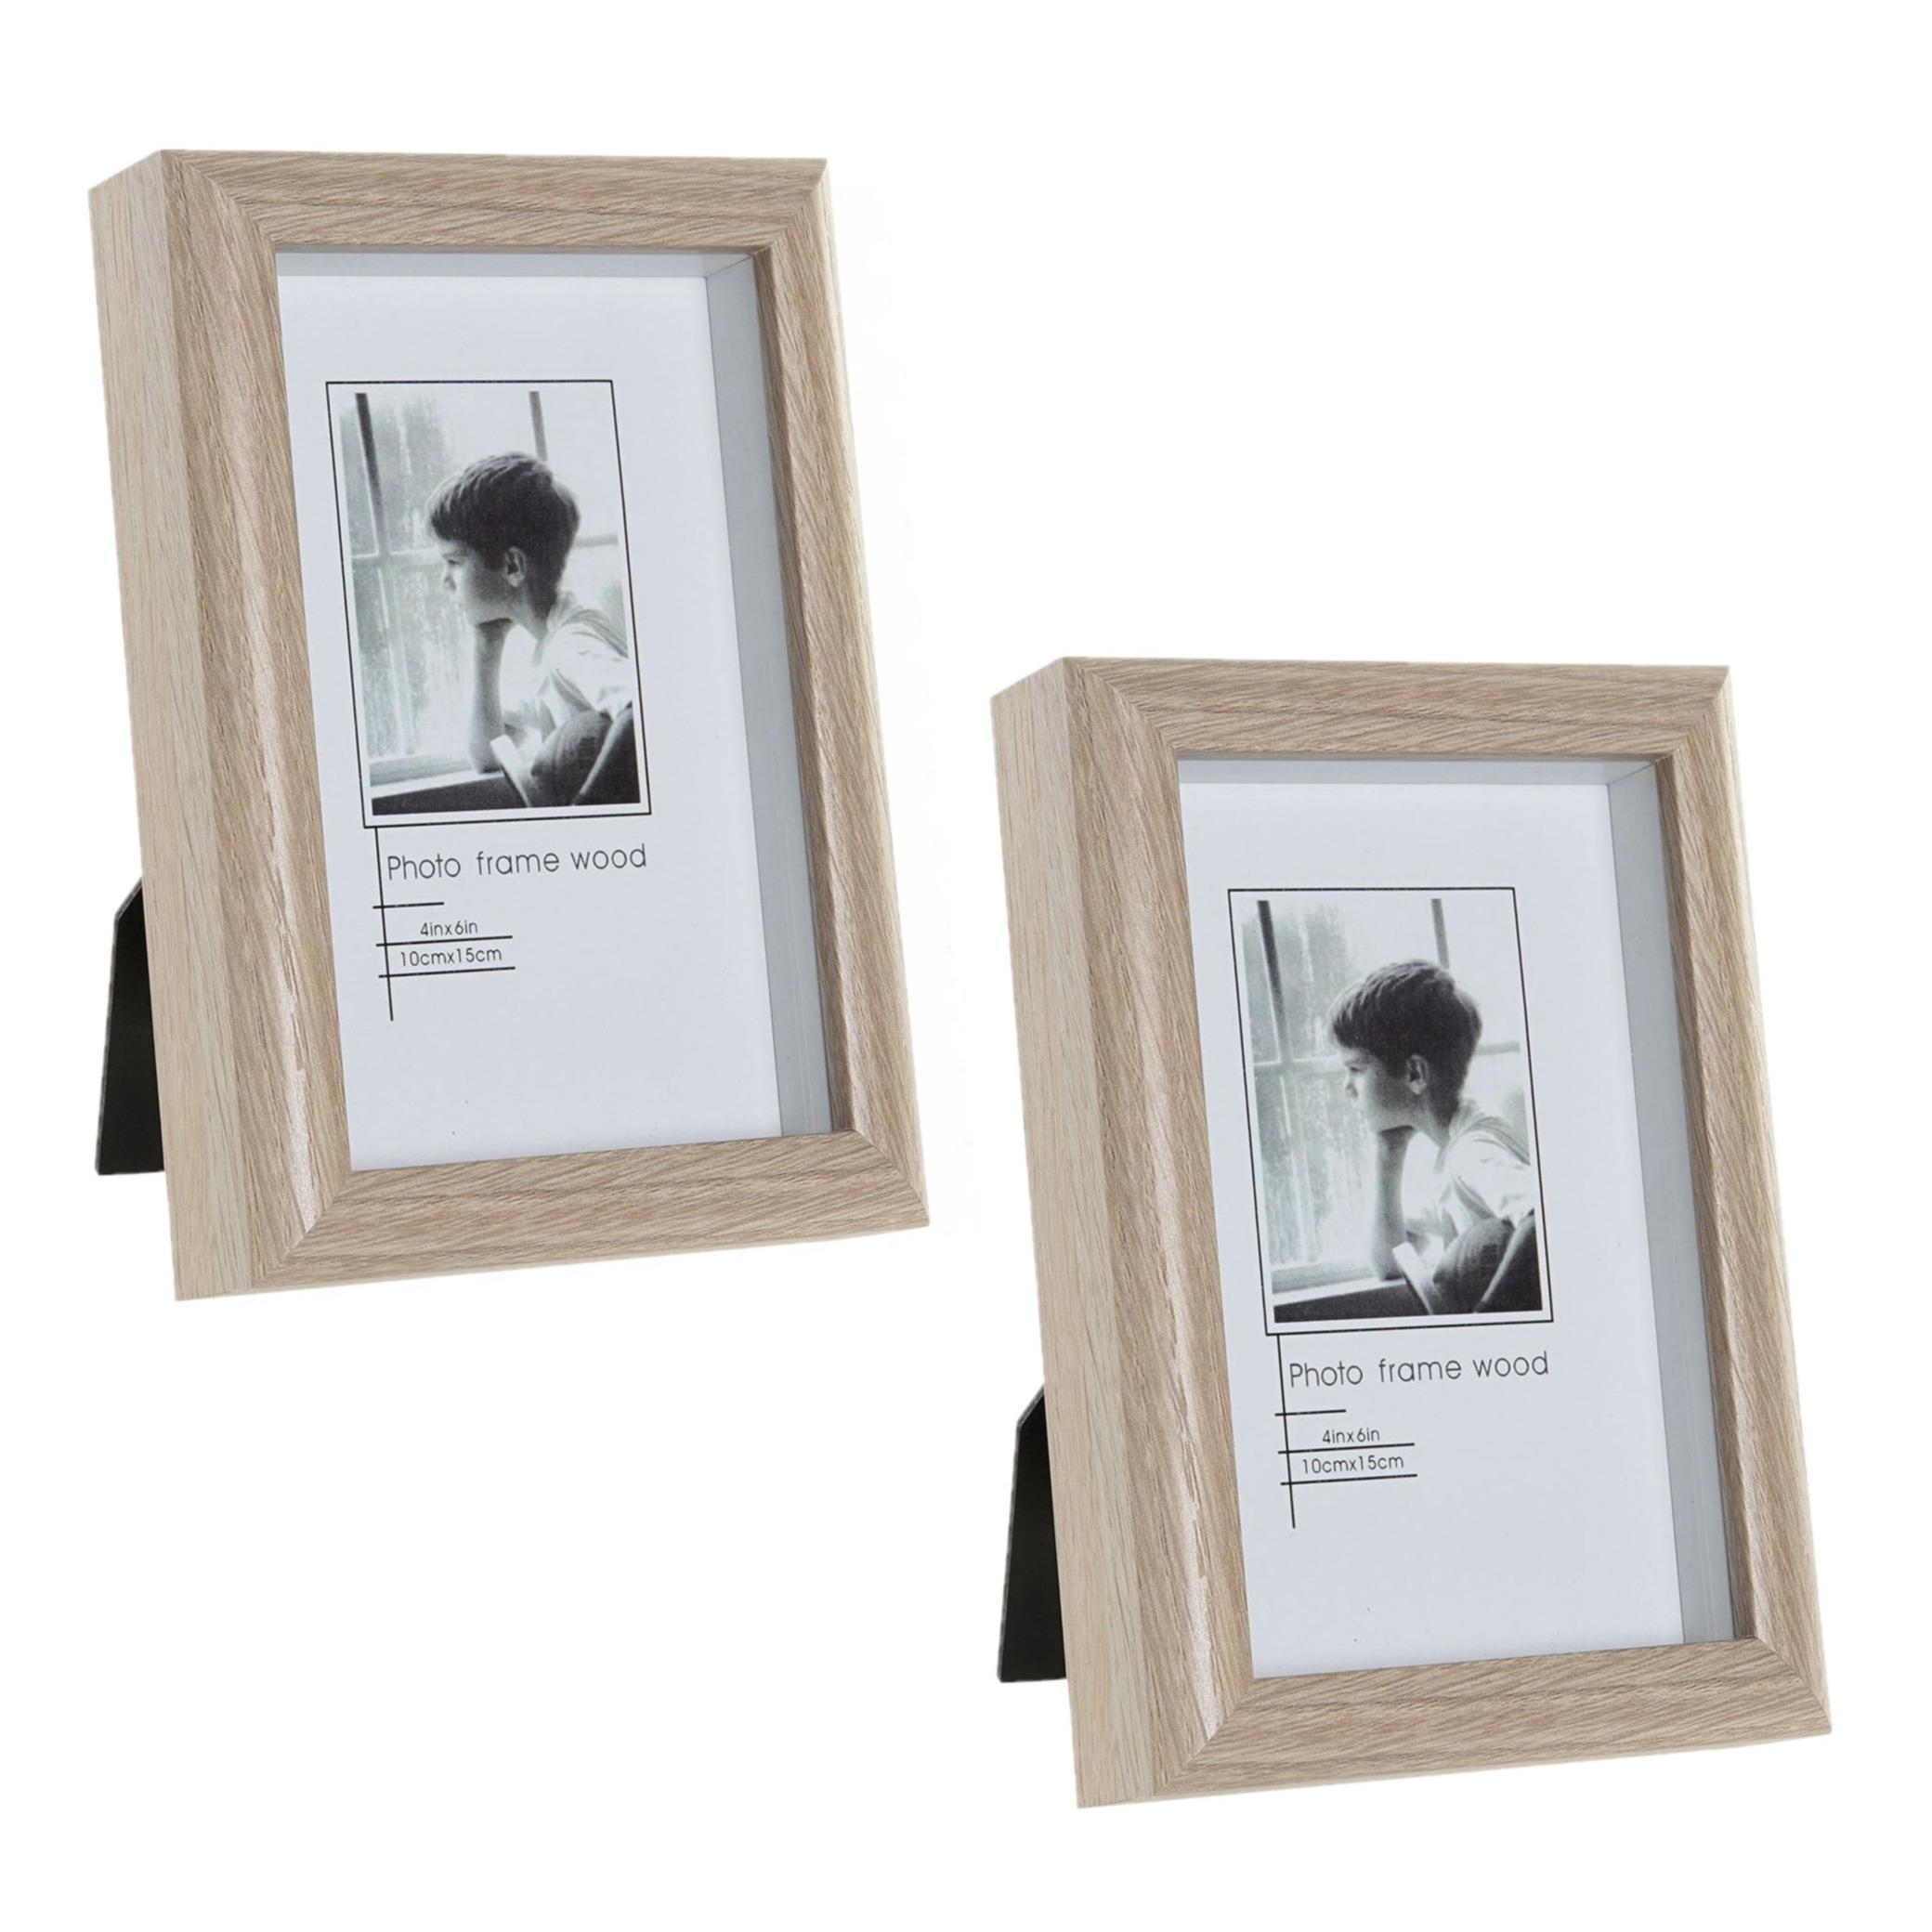 4x stuks fotolijstjes hout geschikt voor een foto van 10 x 15 cm